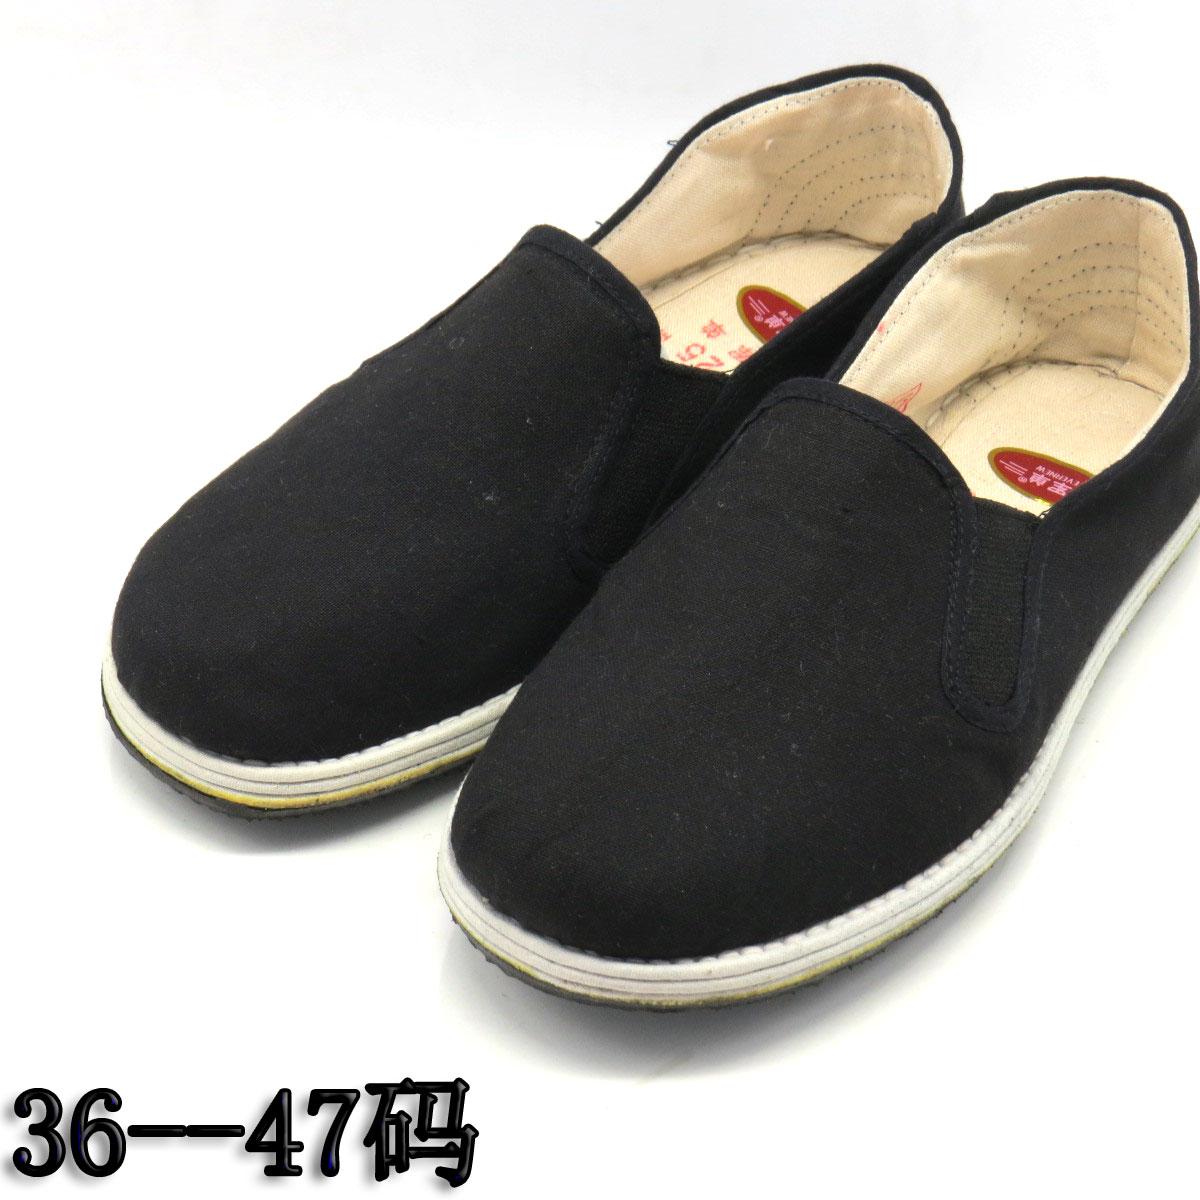 特�r正品包�]0538�工布鞋千�拥总��尾夹��板鞋老北京帆布司�C鞋